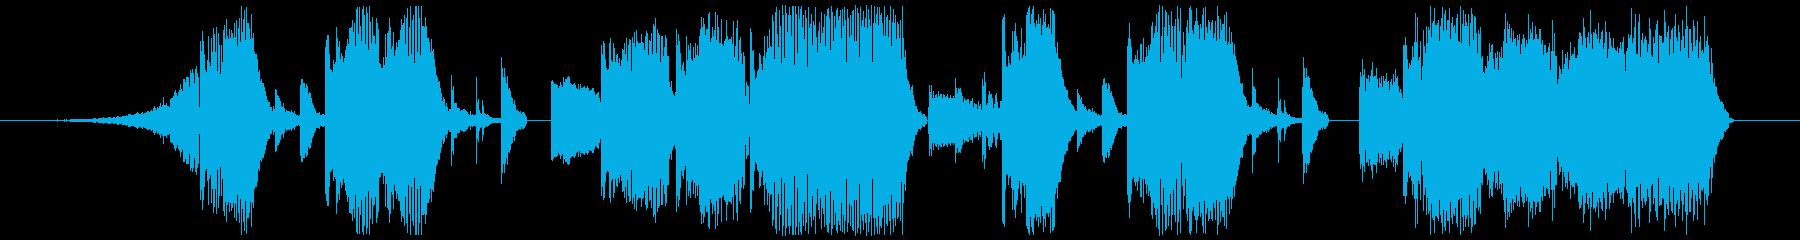 Jingle-Pop/Chip/Bassの再生済みの波形